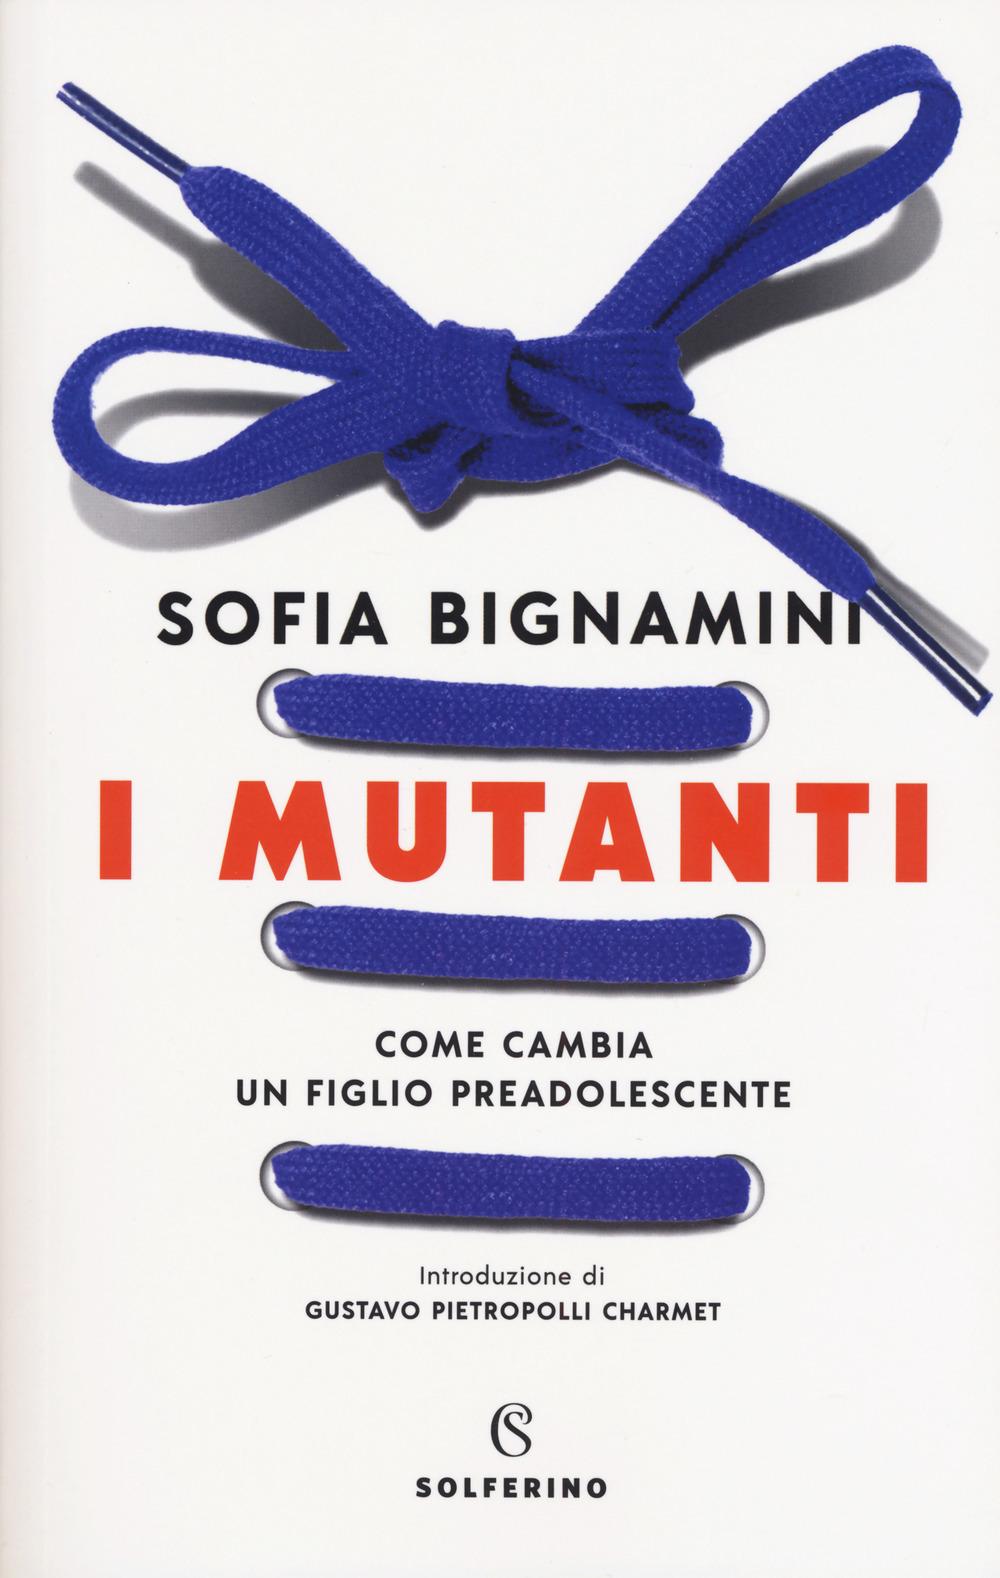 Sofia Bignamini